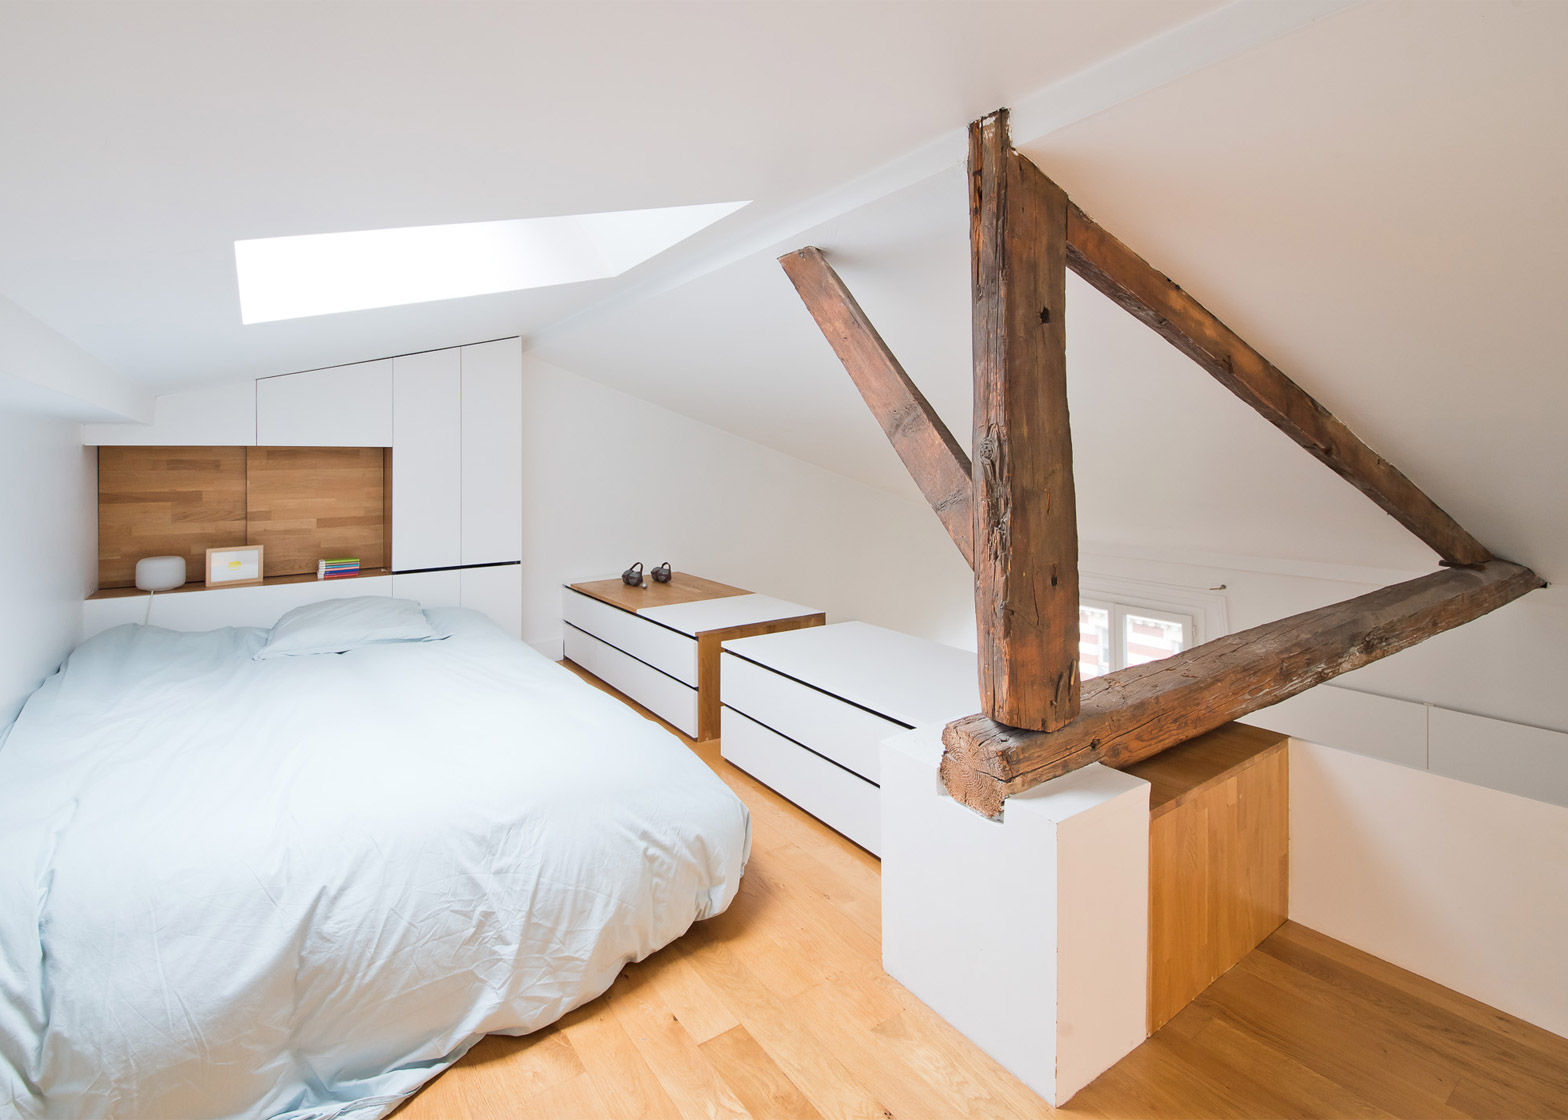 Mobili e armadi nella camera da letto in mansarda - Contenitori camera da letto ...